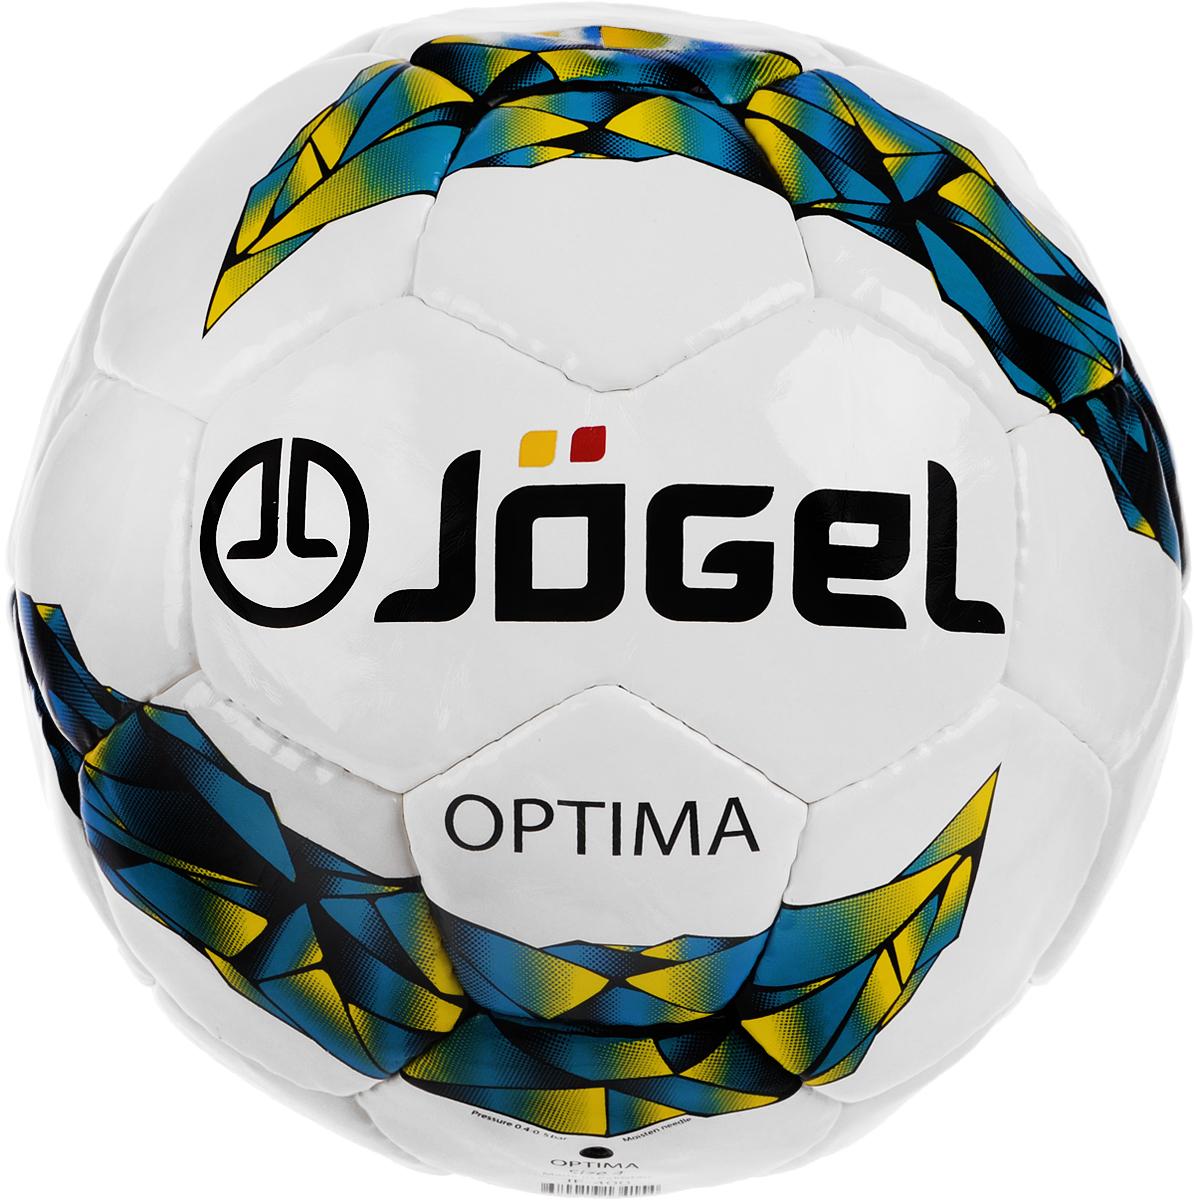 Мяч футзальный Jogel Optima, цвет: белый, лазурный, желтый. Размер 4. JF-400УТ-00009479Jogel Optima, оправдывая свое название, является оптимальным тренировочным футзальным мячом ручной сшивки из. Его отличительной особенностью является достойное соотношение технических характеристик и доступной цены. Данный мяч рекомендован для тренировок и тренировочных игр клубных и любительских команд. Поверхность мяча выполнена из износостойкой синтетической кожи (полиуретан) толщиной 1 мм. Мяч имеет 4 подкладочных слоя на нетканой основе (смесь хлопка с полиэстером) и оснащен бутиловой камерой со специальным наполнителем, обеспечивающим рекомендованный FIFA низкий отскок. Уникальной особенностью является традиционная конструкция мяча из 30 панелей. Рекомендованные покрытия: паркет, уличные площадки с твердыми ровными поверхностями. Количество подкладочных слоев: 4. Количество панелей: 30. Вес: 400-440 г. Длина окружности: 62-64 см. Рекомендованное давление: 0.6-0.8 бар. УВАЖЕМЫЕ КЛИЕНТЫ! Обращаем ваше внимание на тот факт, что мяч...